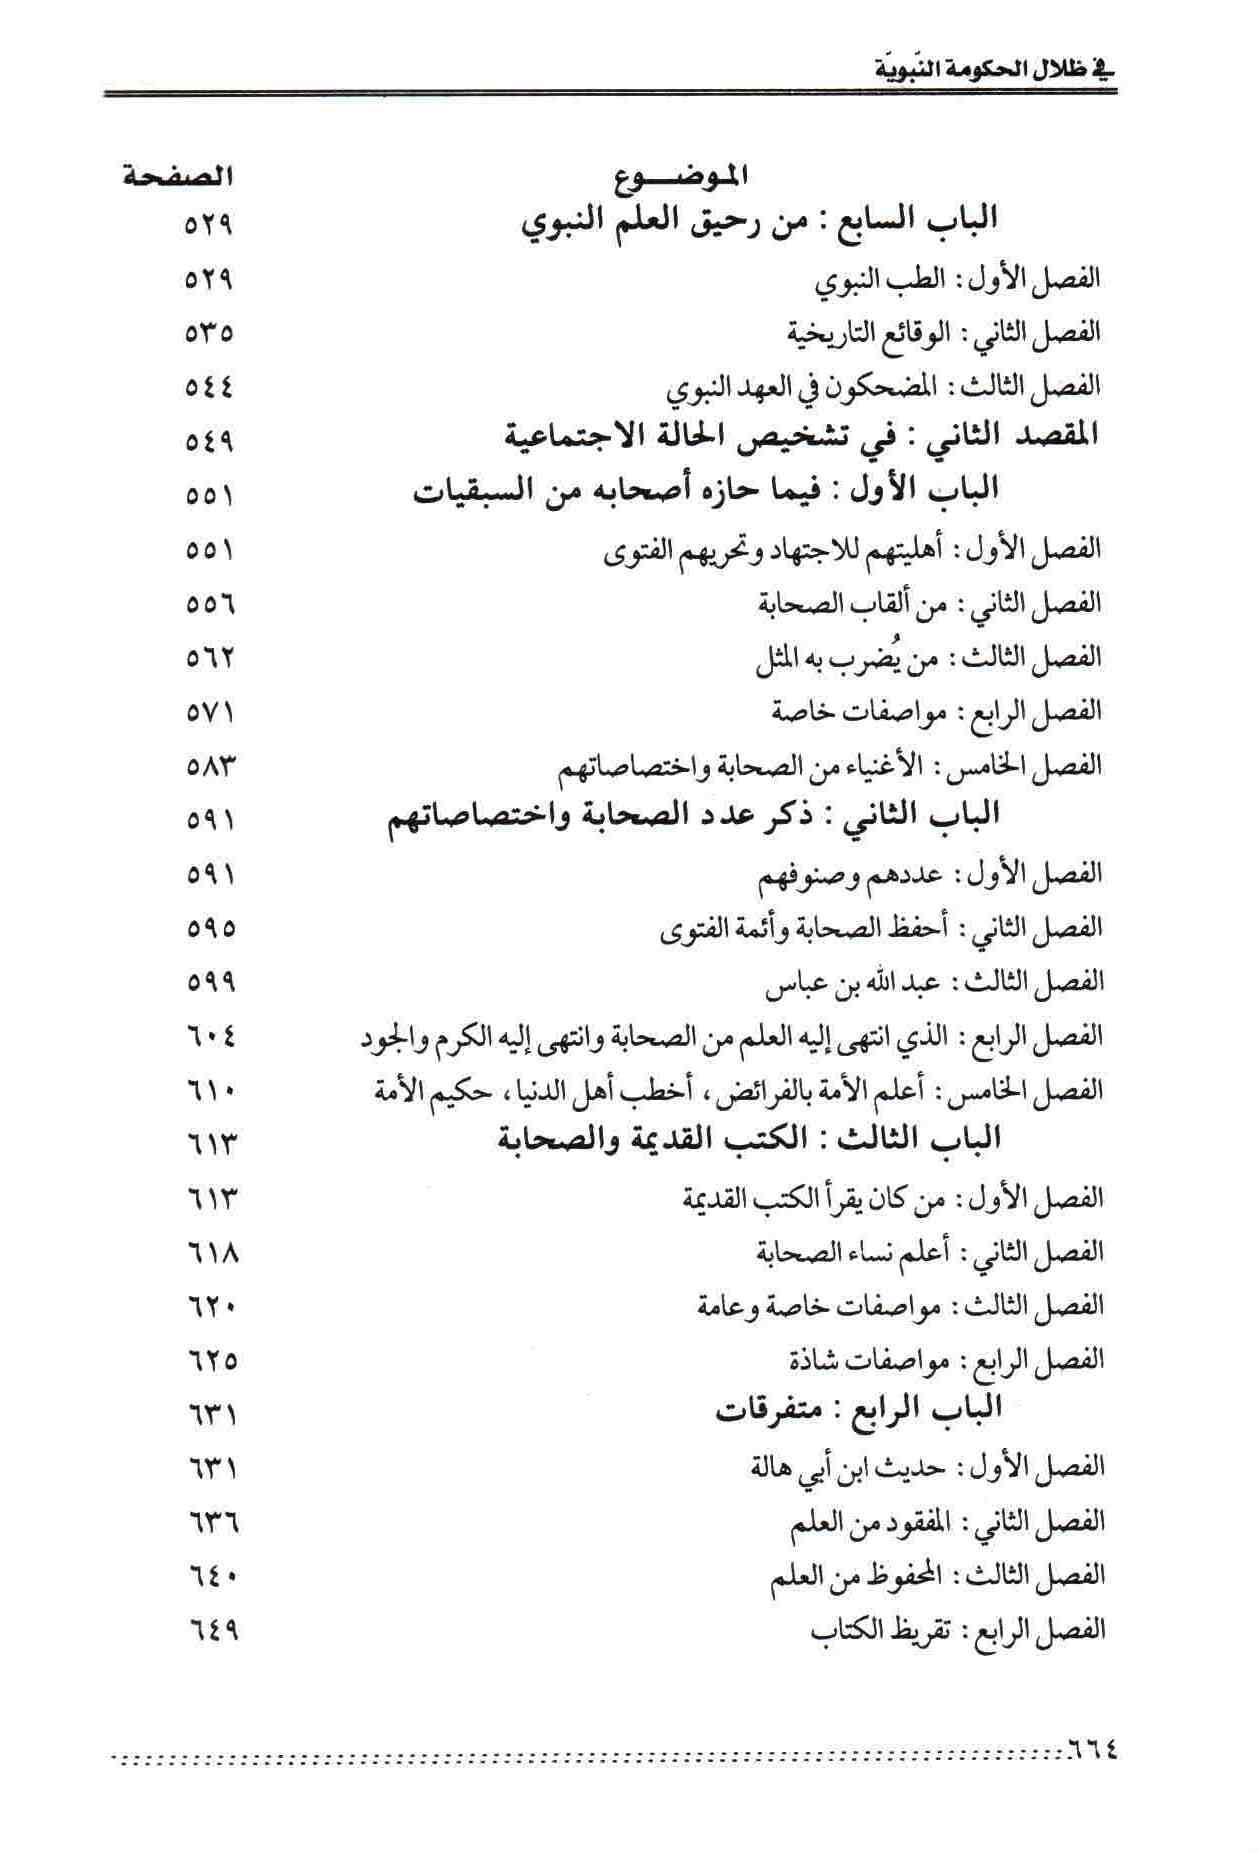 ص 64محتويات كتاب نظام الحكومة النبوية المسمي التراتيب الإدارية